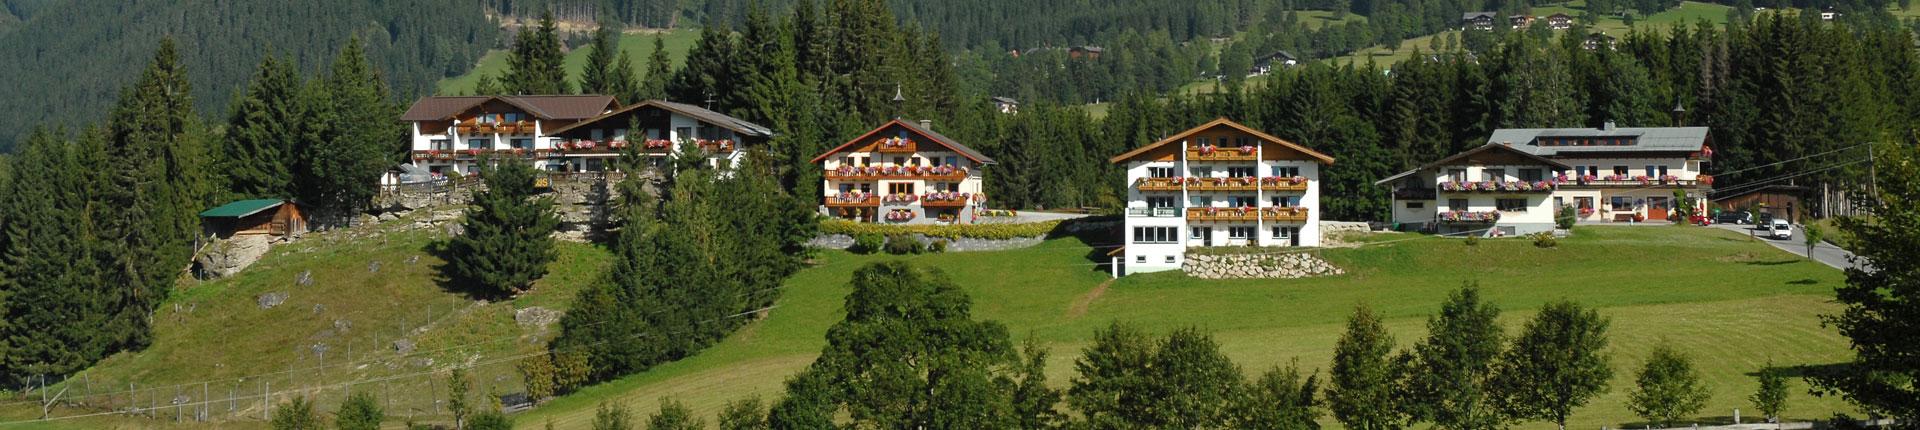 Aparthotel Sunrise und Hotel Ramsauer Alm in Ramsau am Dachstein